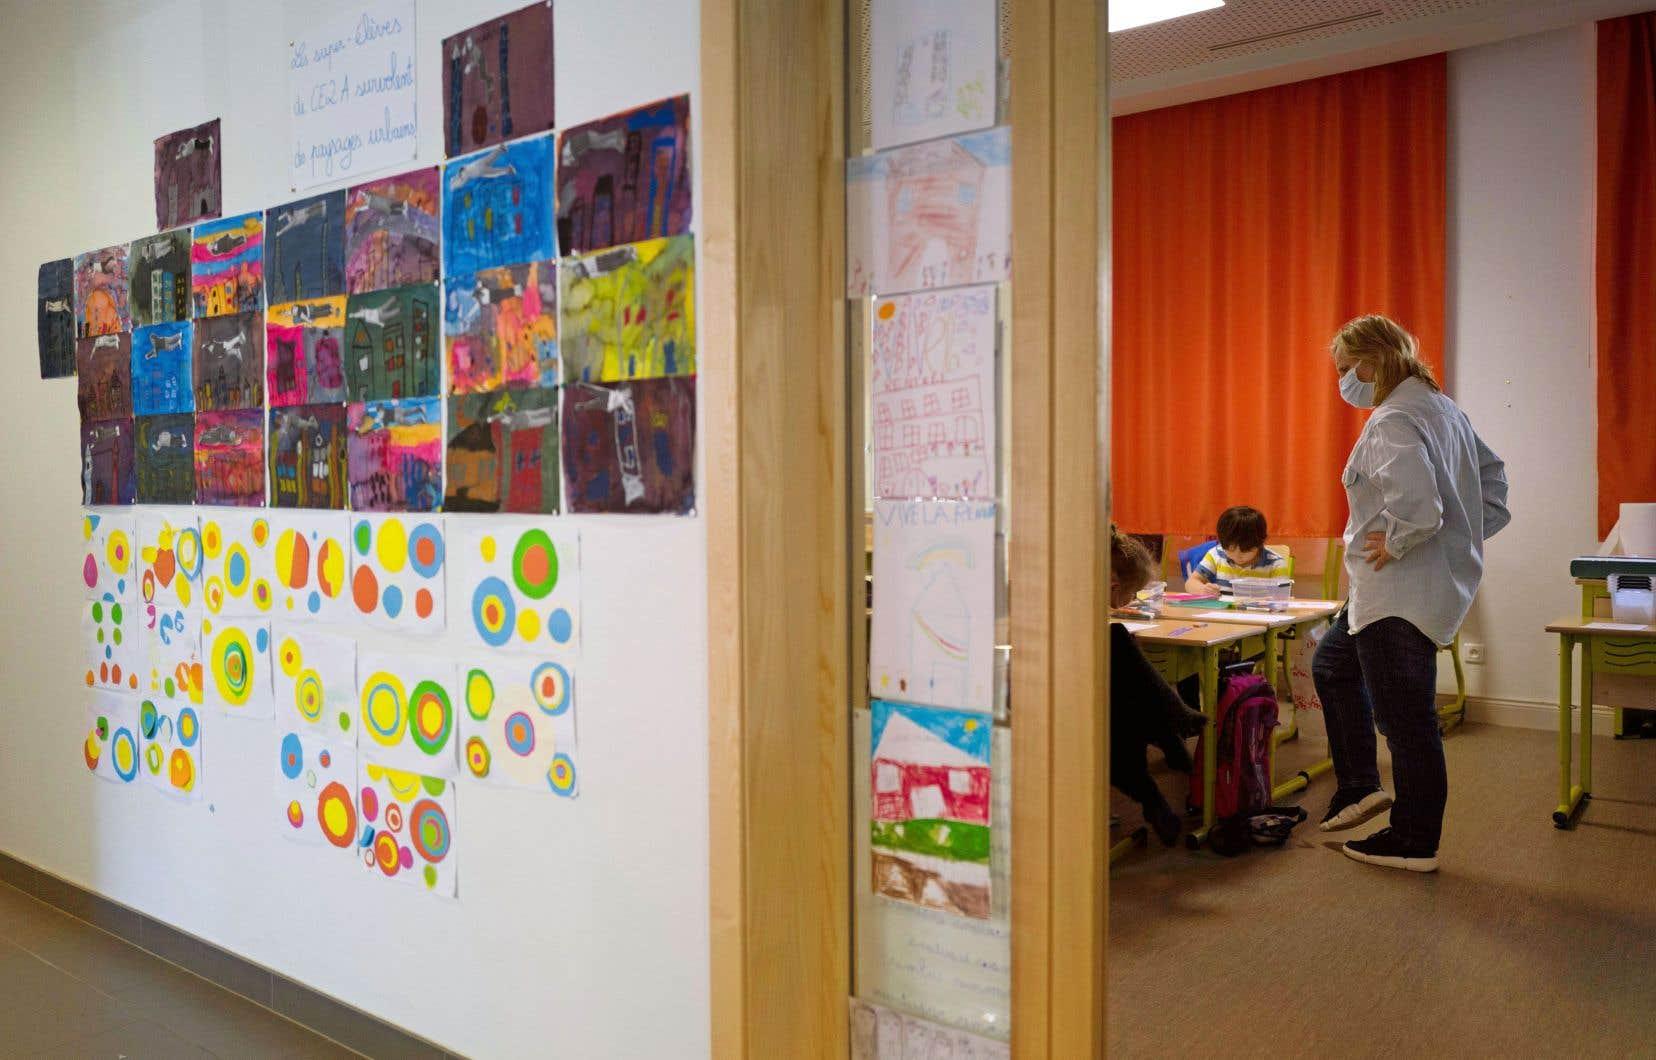 Vendredi, «Le Devoir» présentait les résultats d'une enquête sur la ventilation des classes, menée avec la collaboration d'enseignants dans cinq écoles. Dans deux classes d'une école ne disposant pas de ventilation mécanique, des concentrations de CO2 excédant d'environ 60% les recommandations québécoises ont été mesurées.